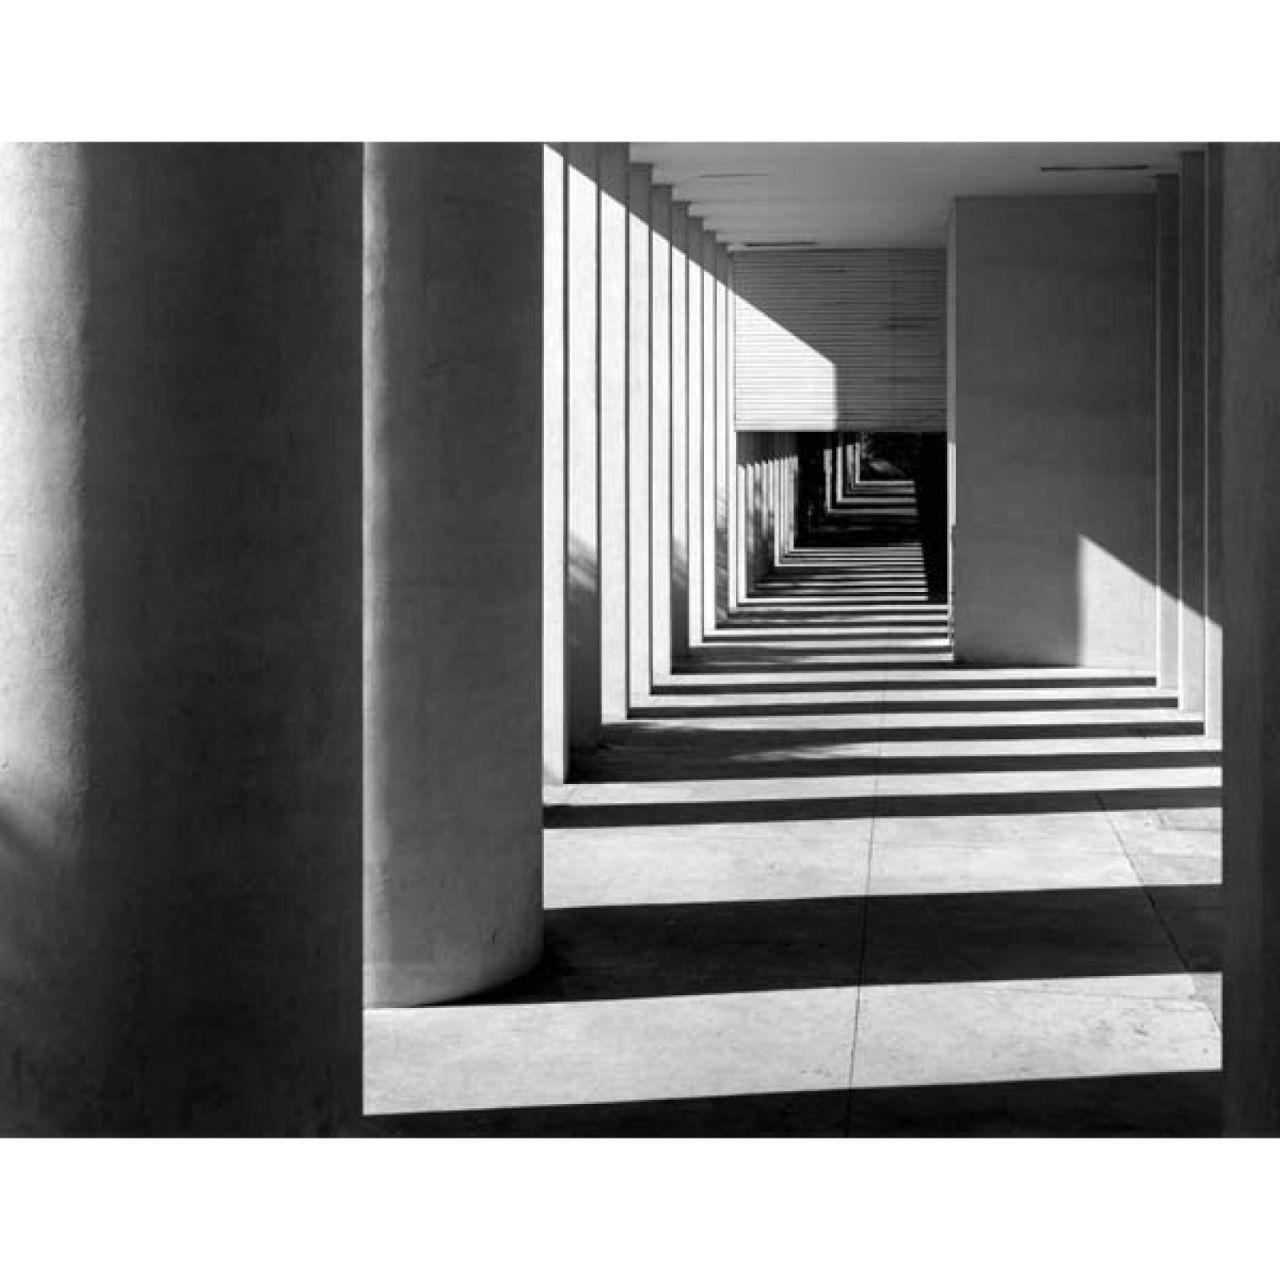 Architecture Series: Aldo Rossi, Gallaratese Quarter, 1967, Milan.